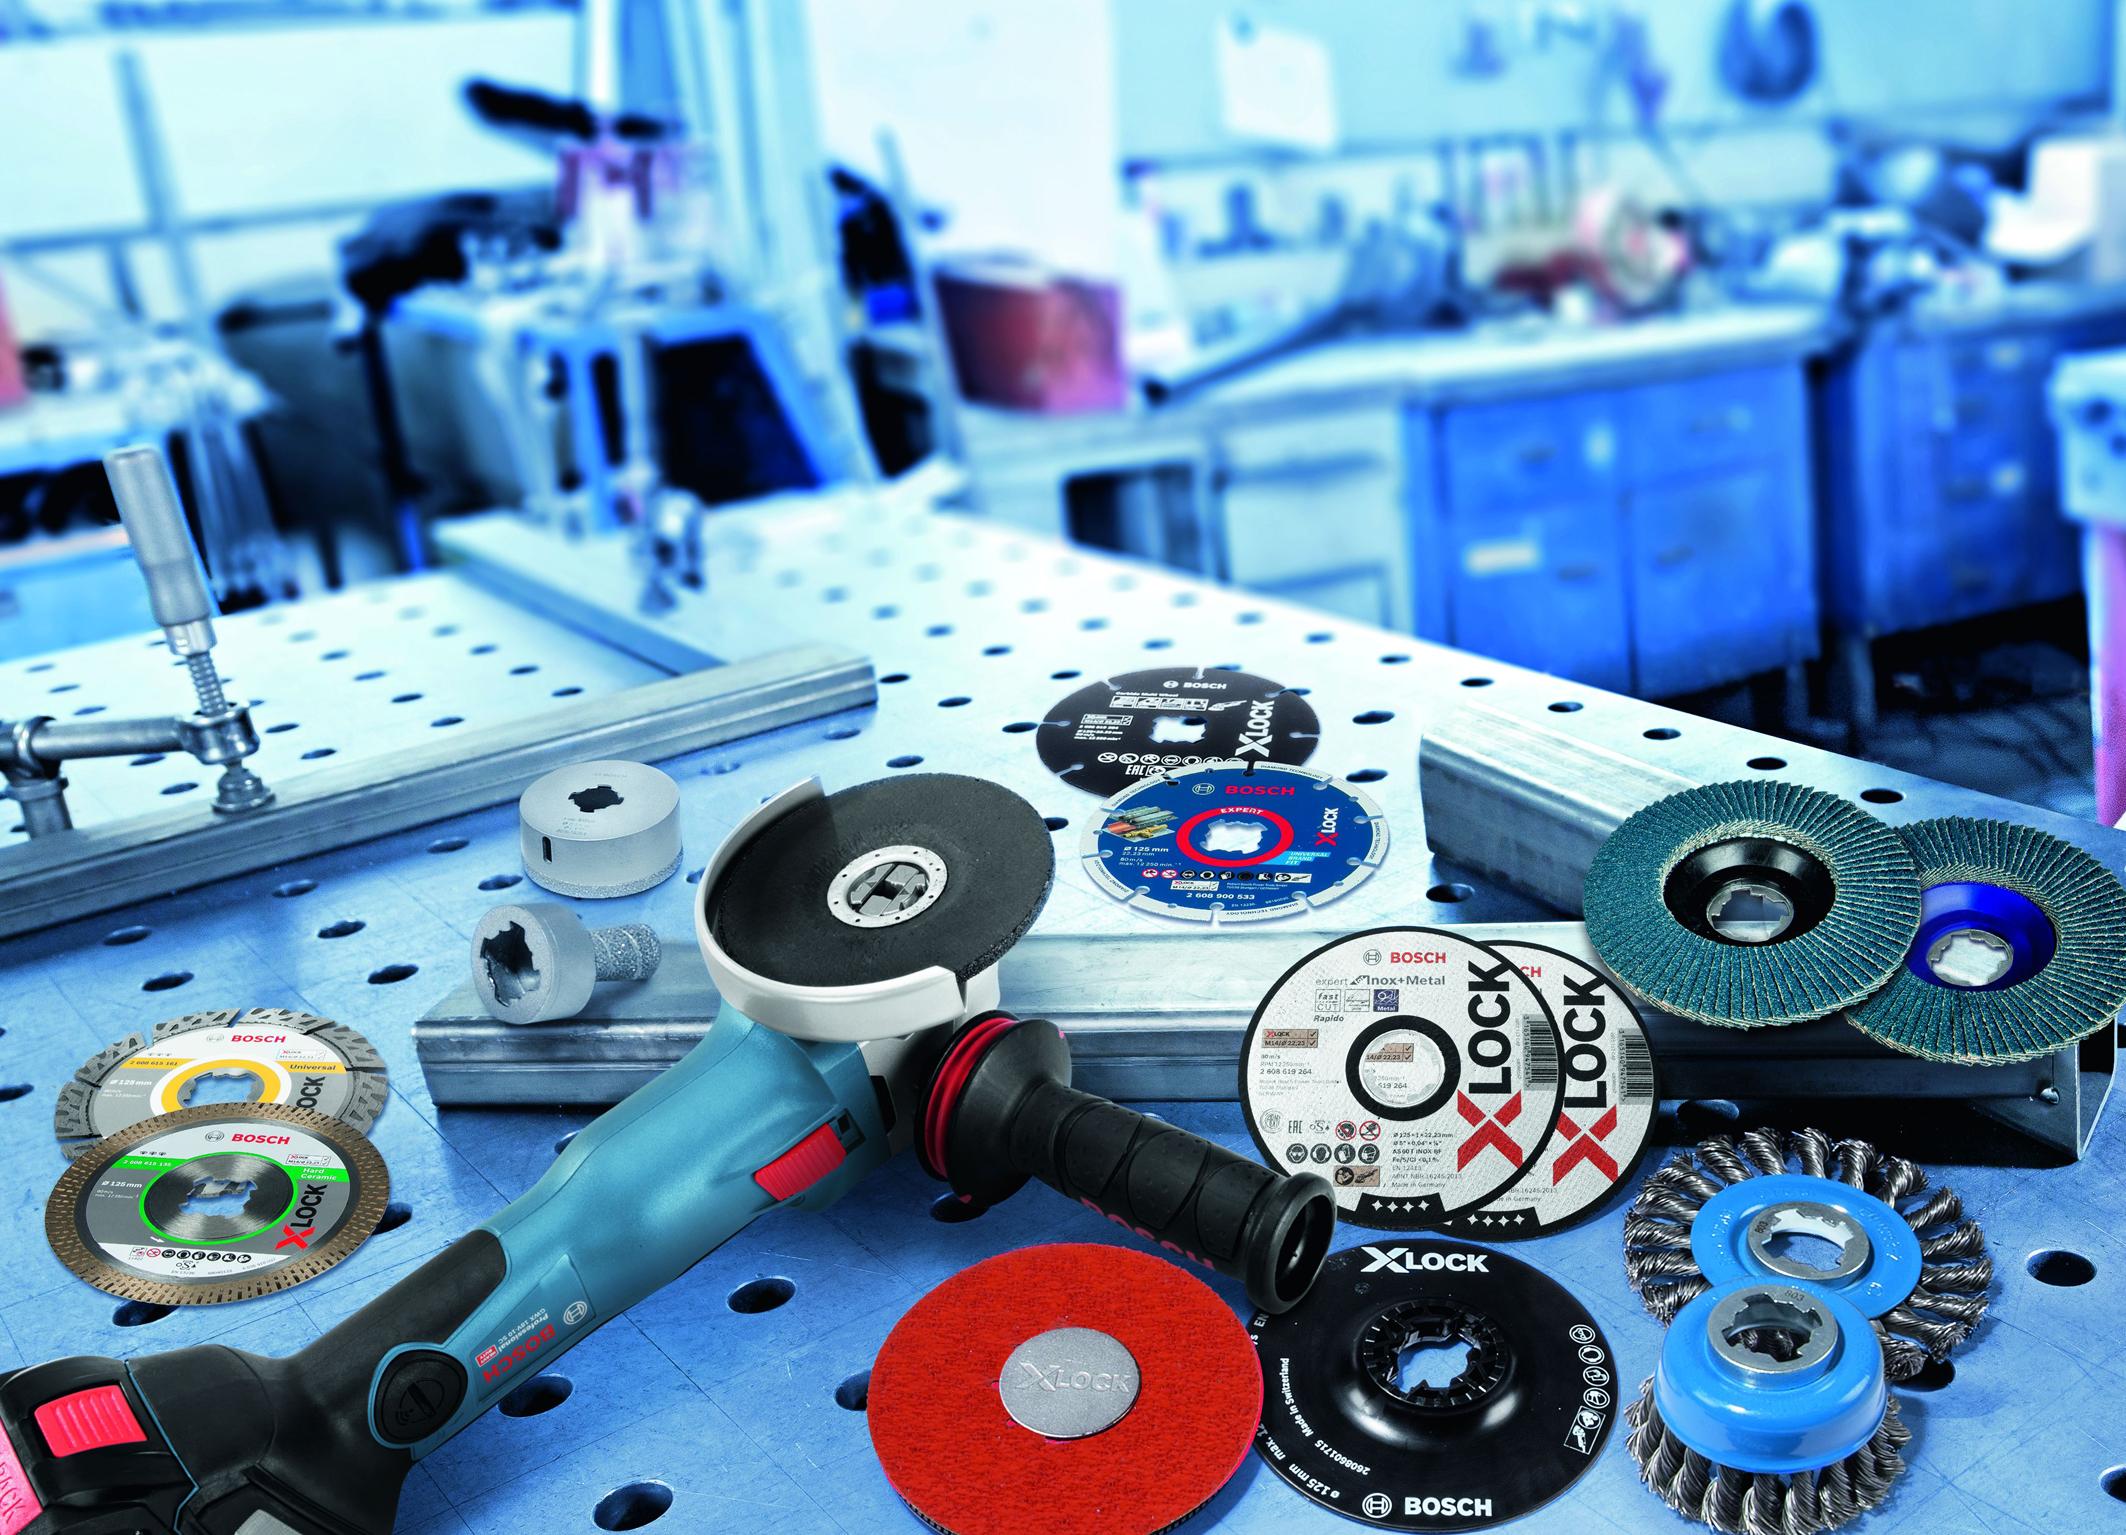 Konsequenter Fokus auf die Bedürfnisse der Verwender: Wertvolle Zeit sparen mit dem innovativen Schnellwechselsystem X-Lock